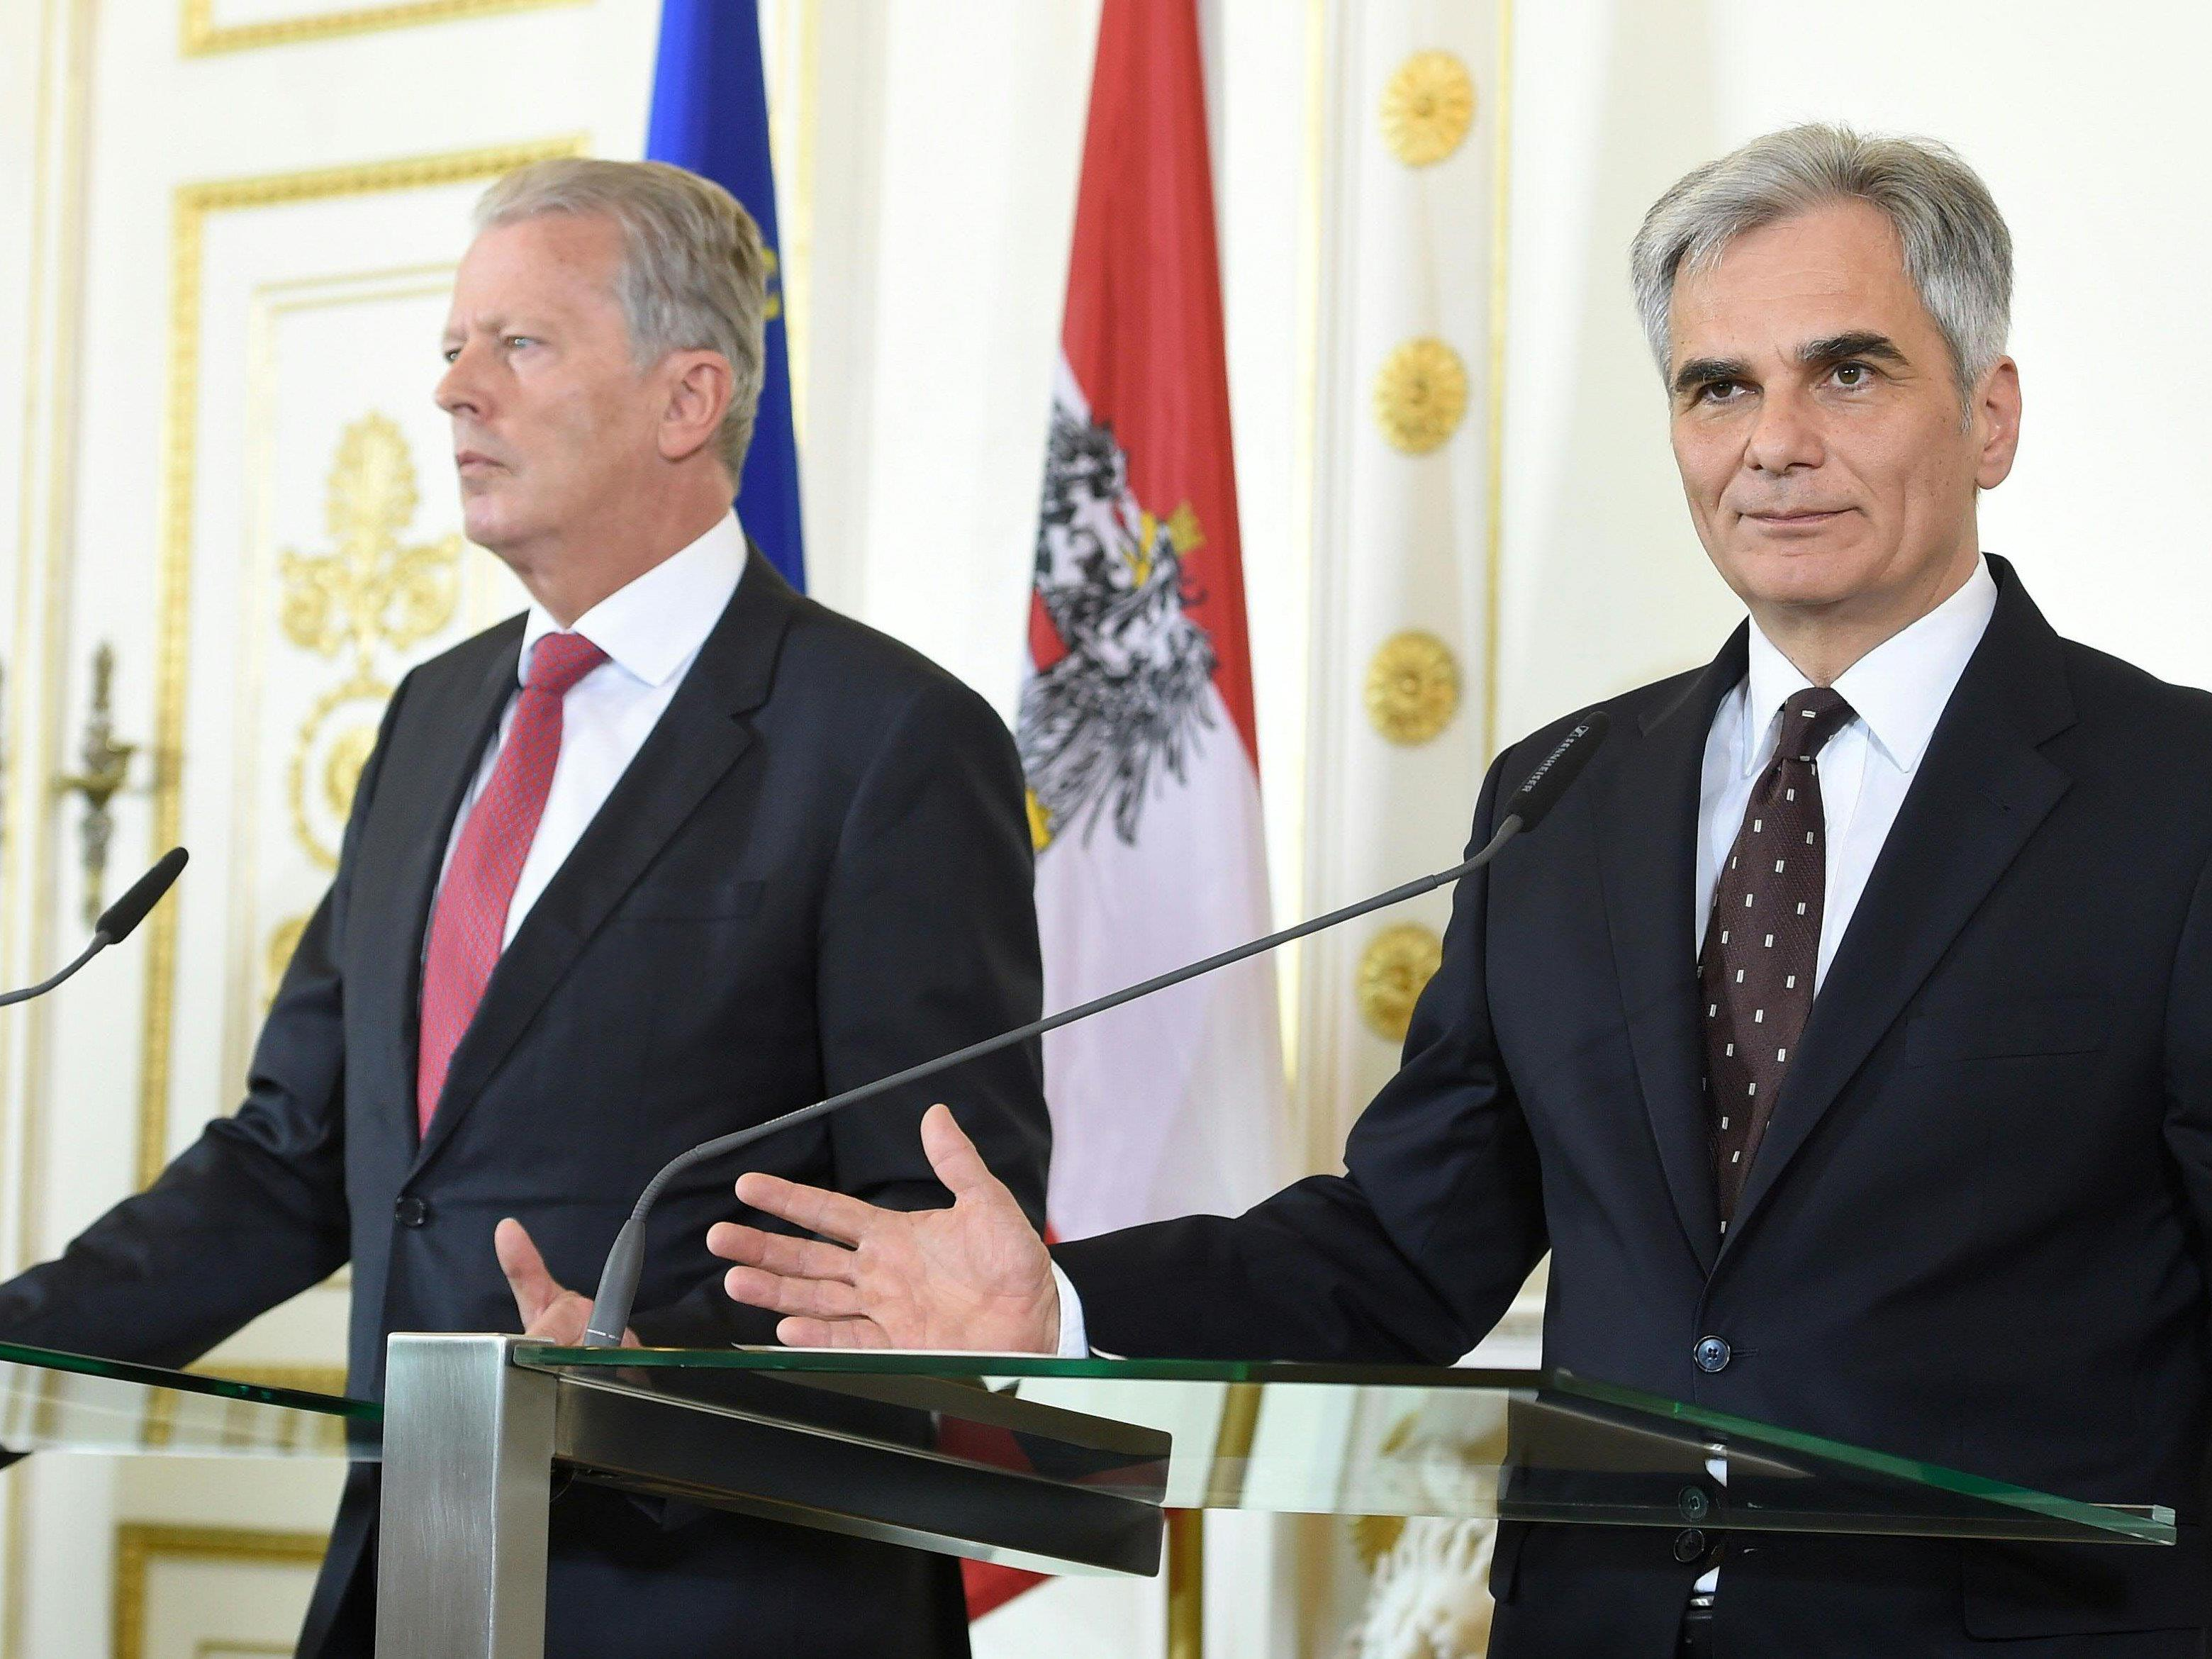 Faymann und Mitterlehner nehmen kolportierte Pläne der EU-Kommission offen auf